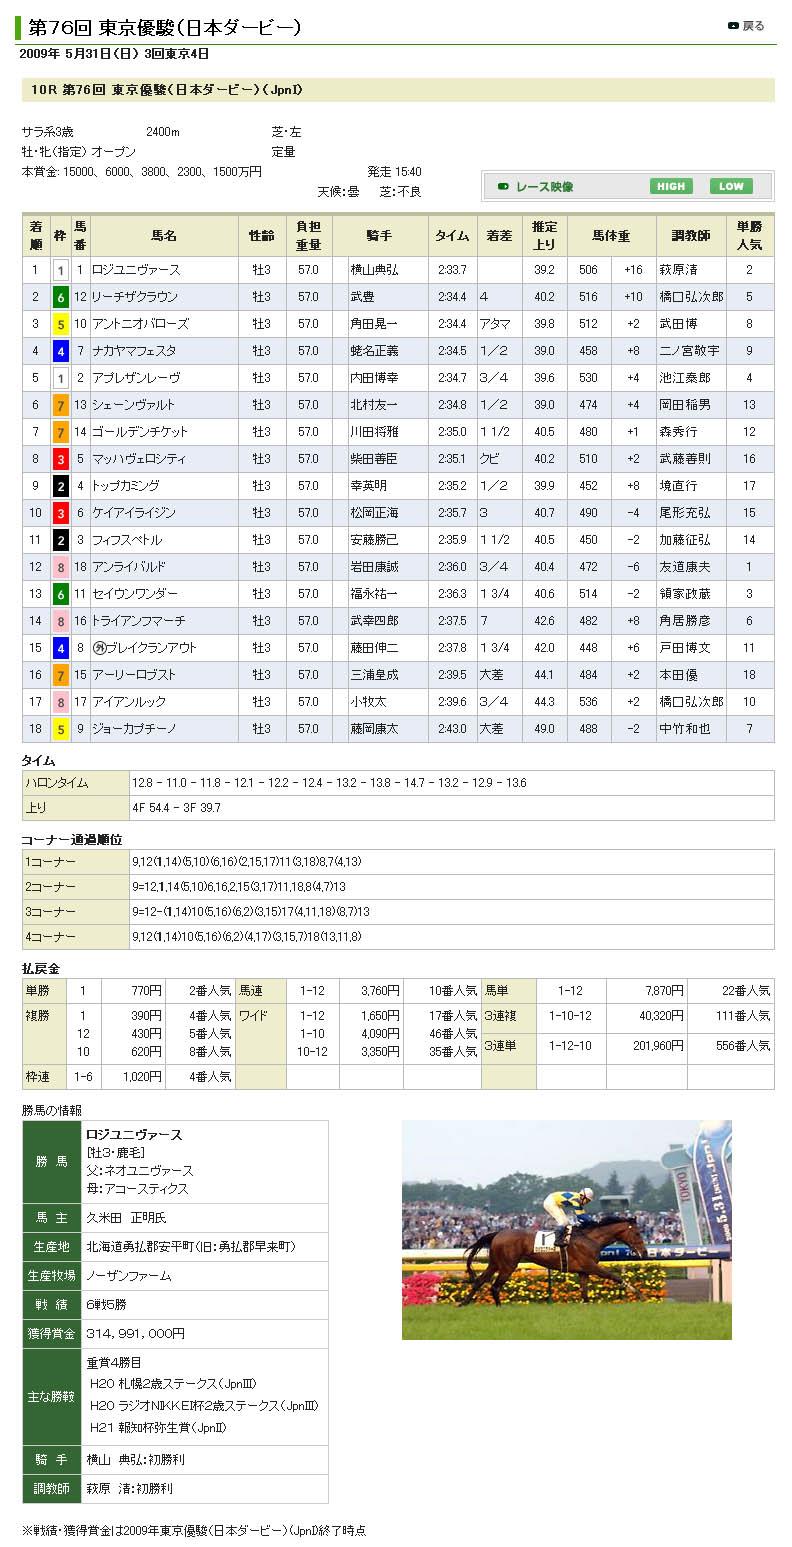 第76回 東京優駿(日本ダービー) 結果&反省_e0158128_14374476.jpg